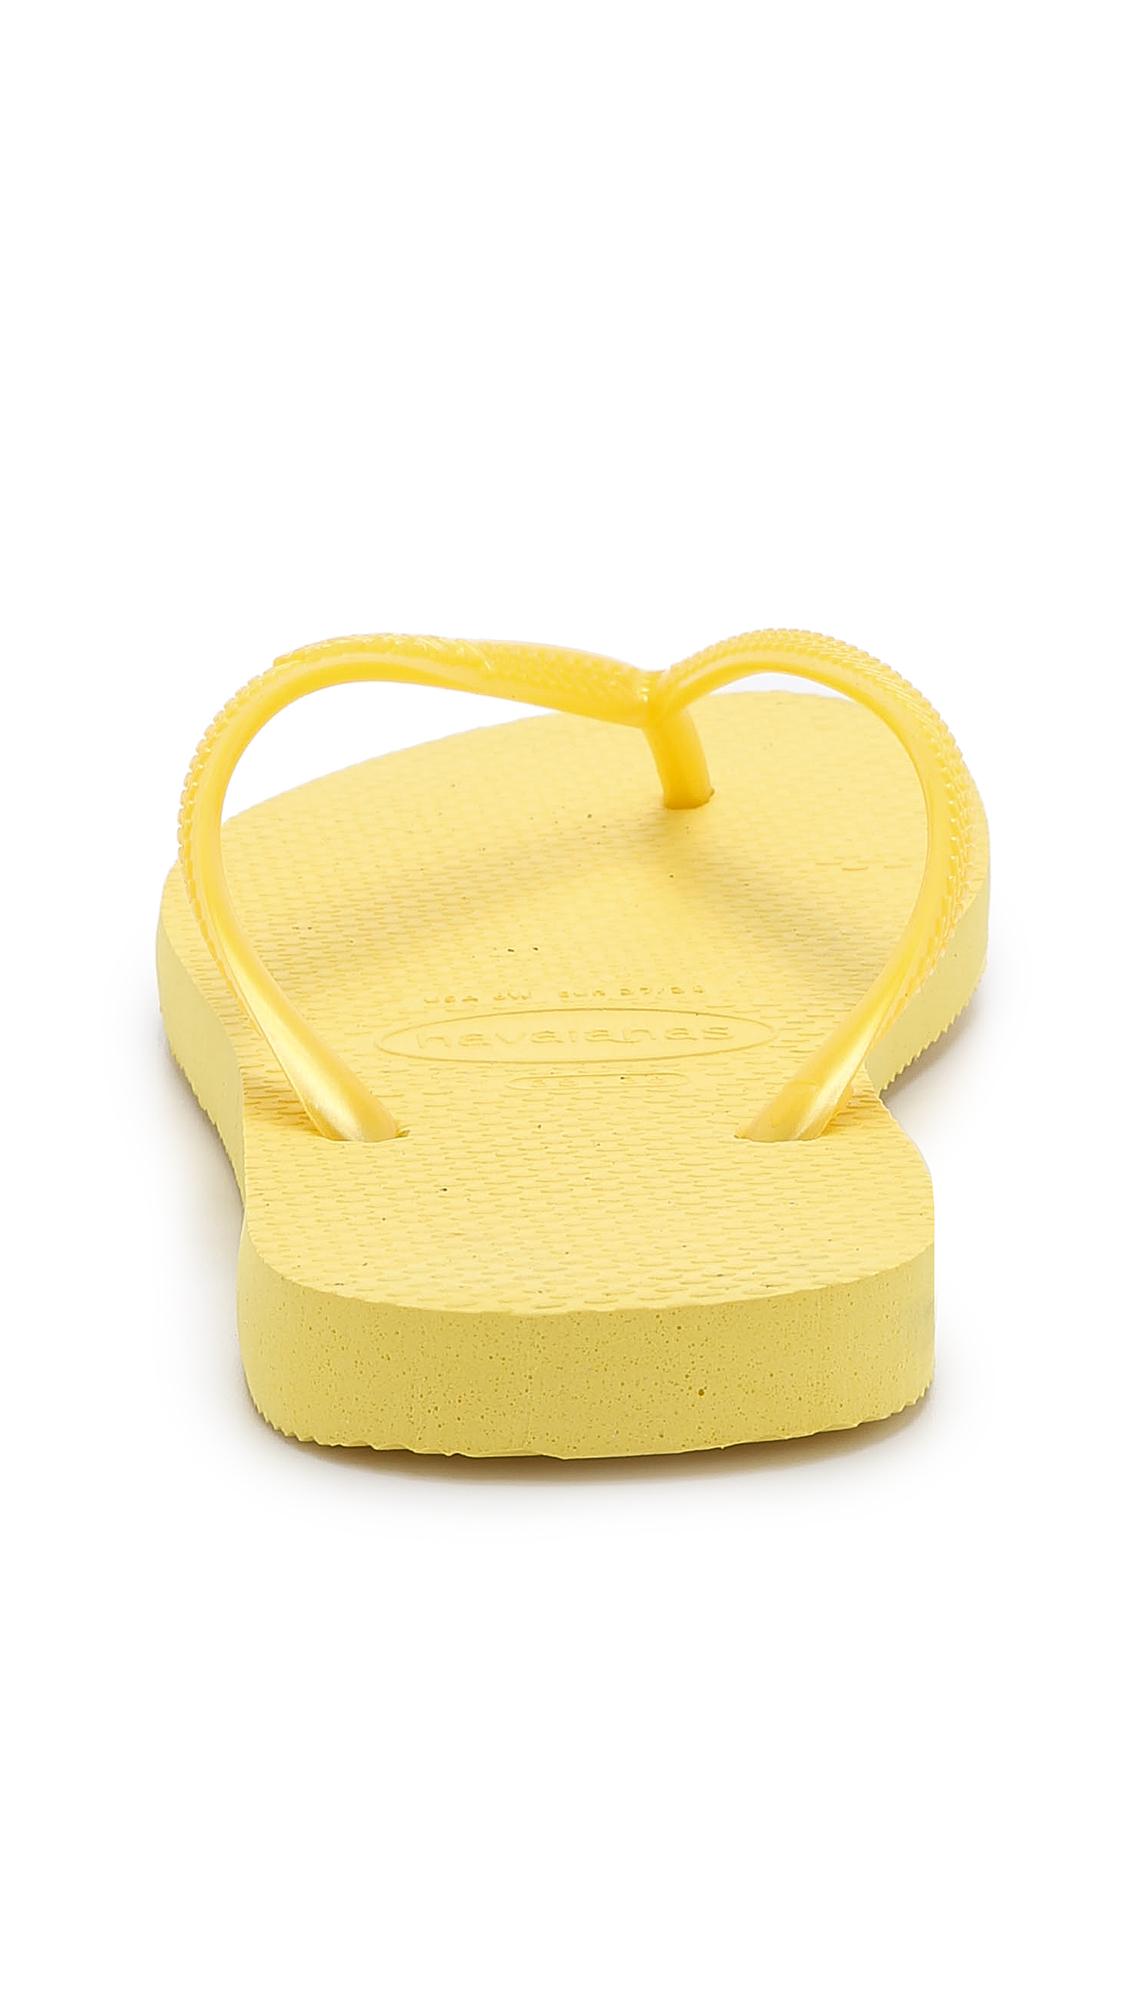 Lyst - Havaianas Slim Flip Flops - Light Pink In Yellow-4293